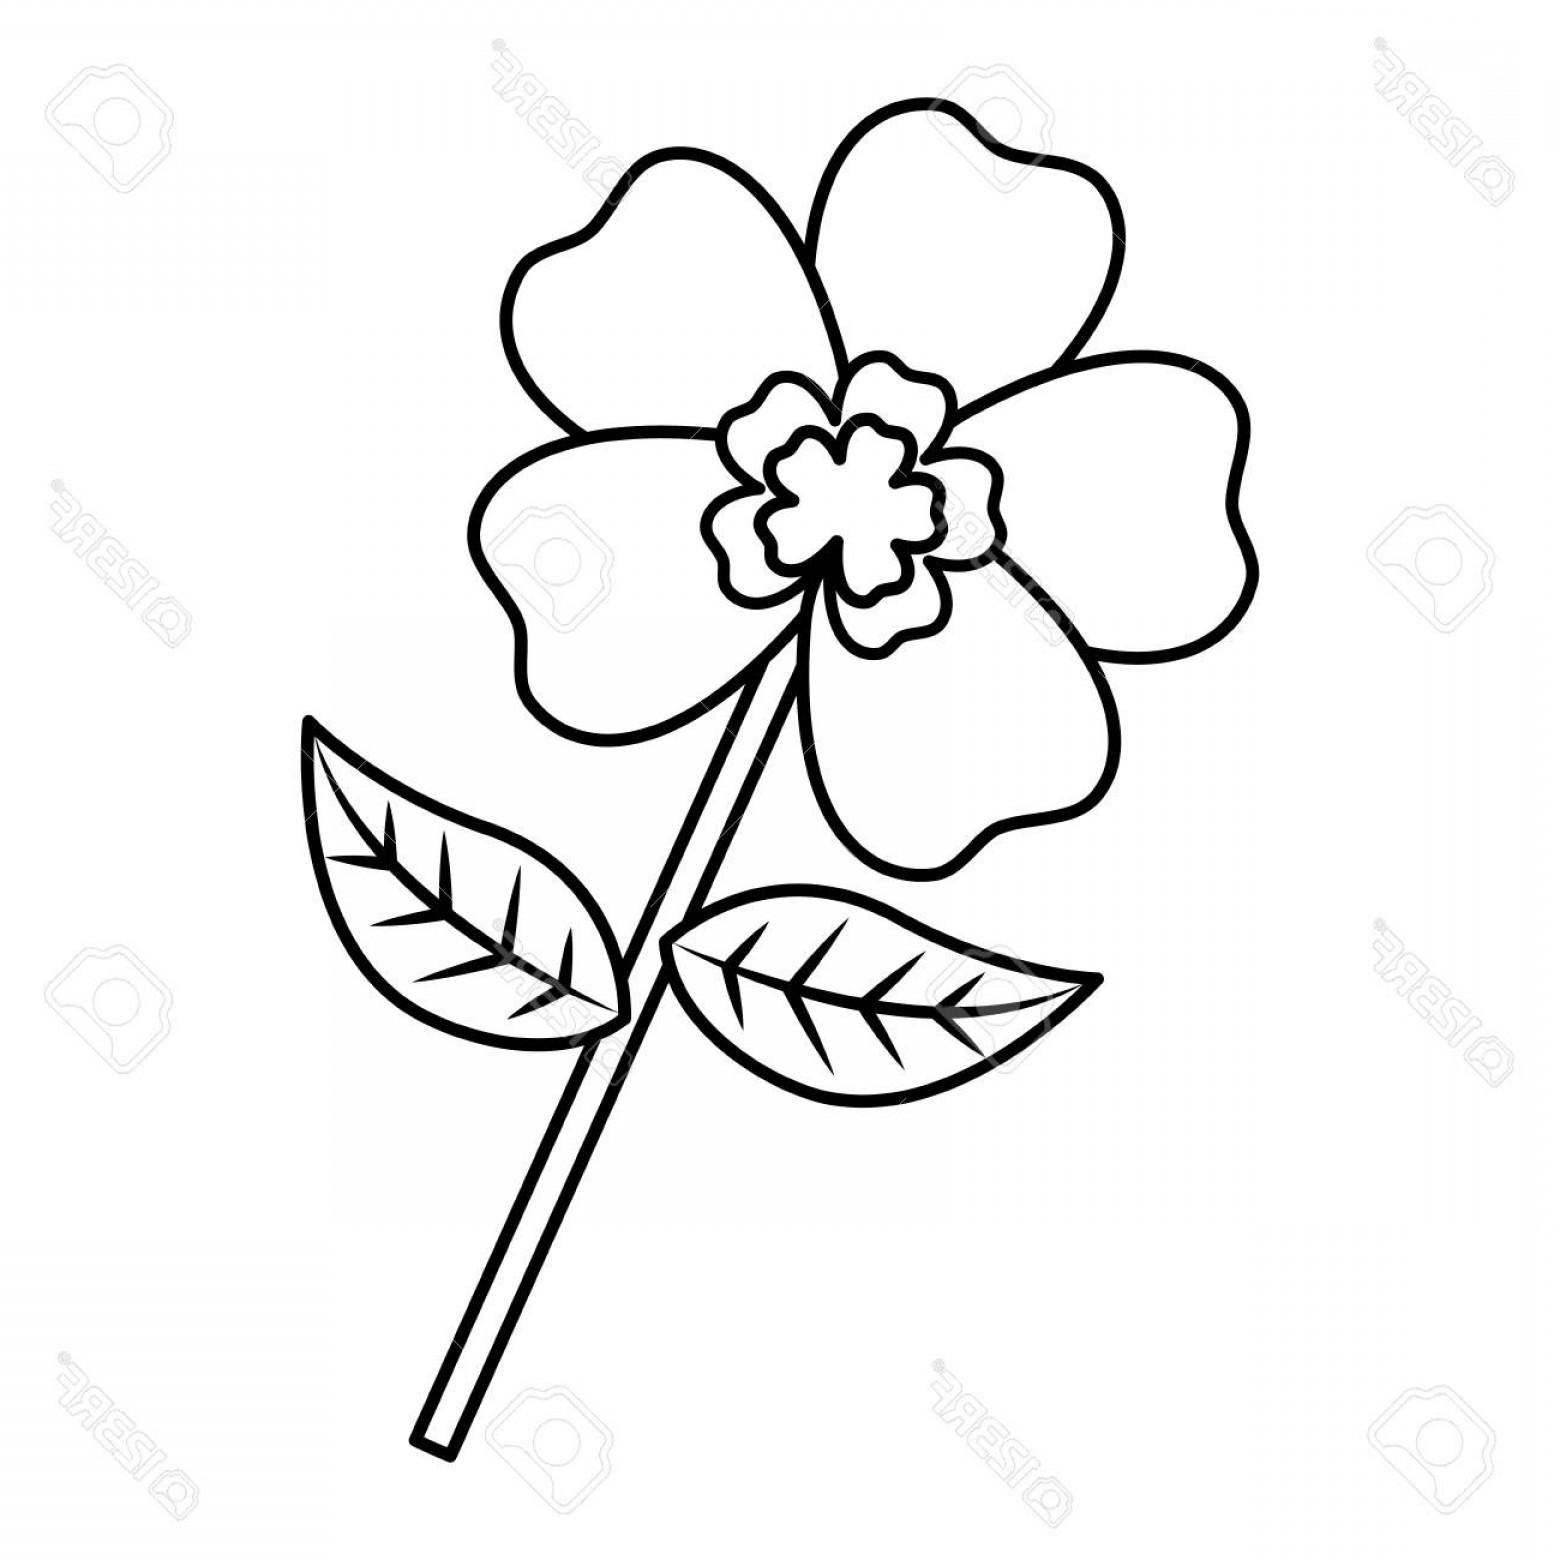 1560x1560 Vector Flower Stem Design Soidergi